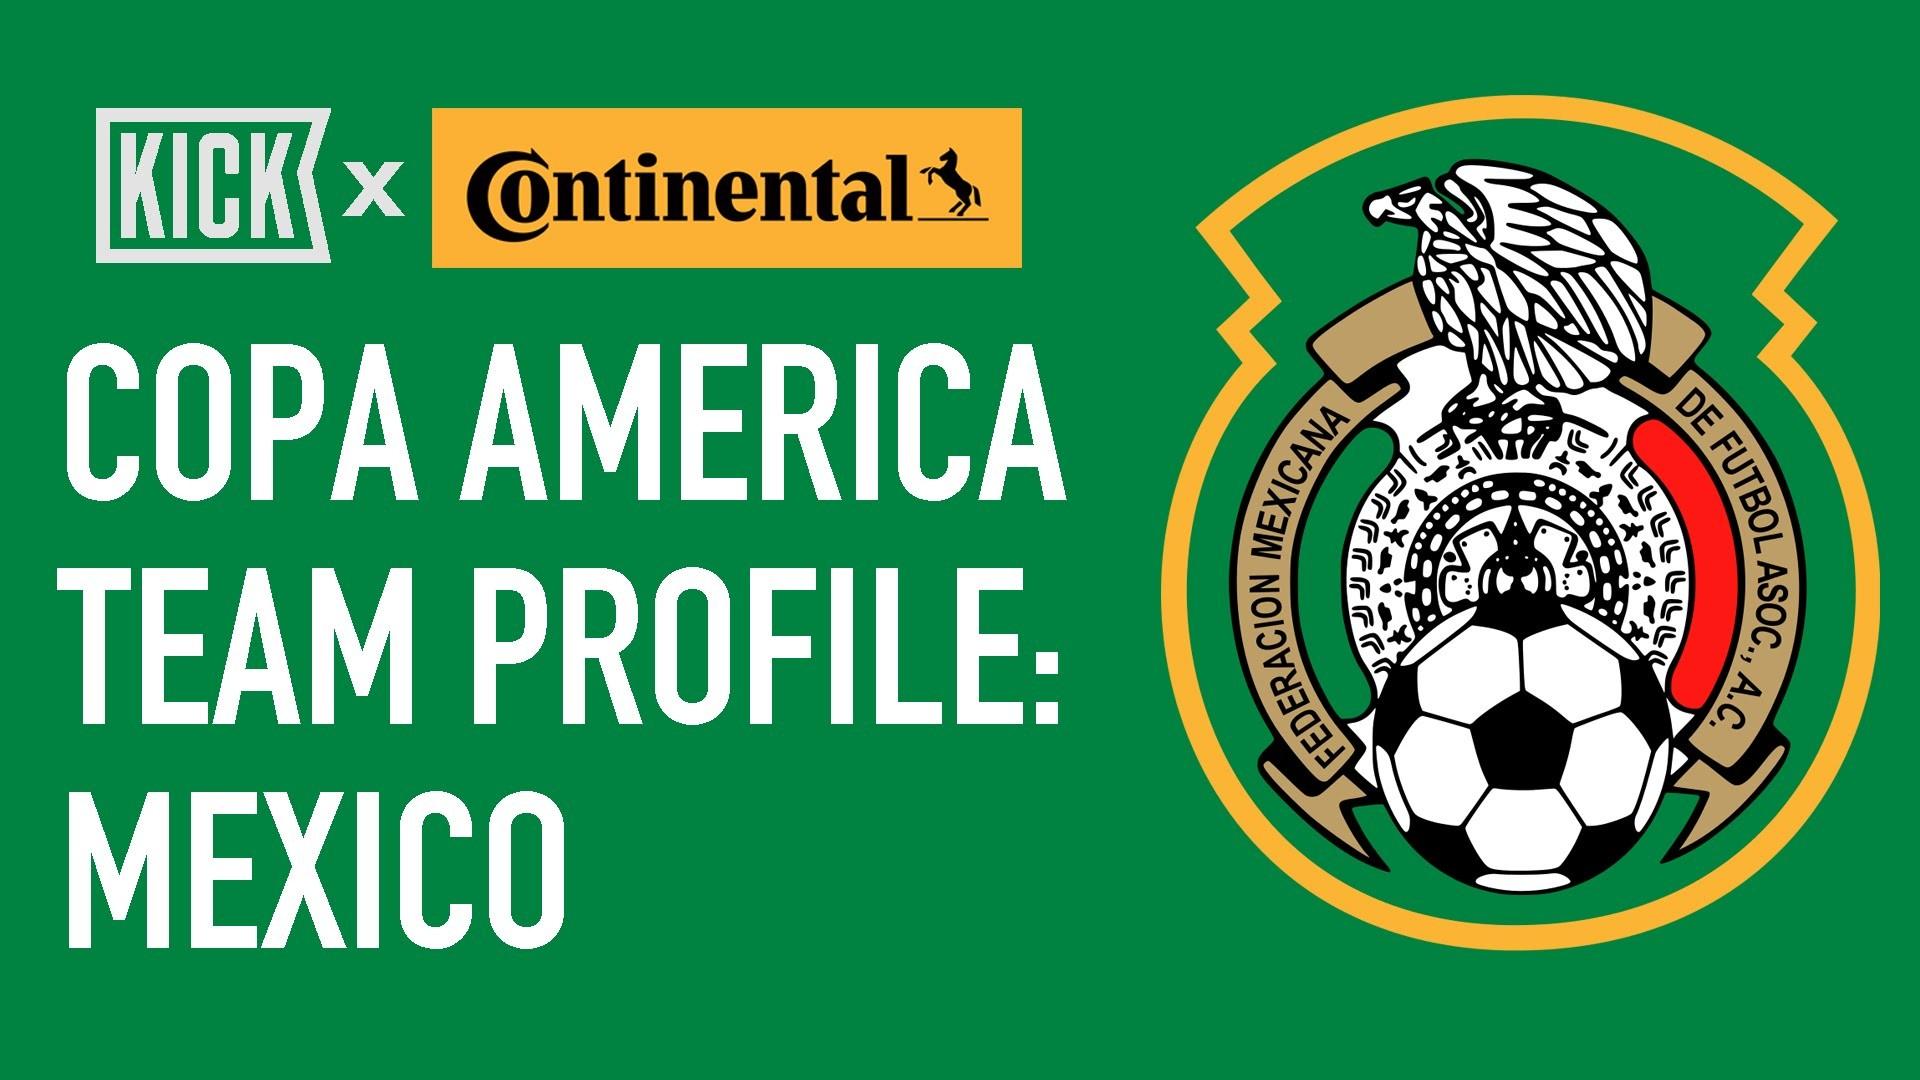 Mexico: Copa America Team Profile